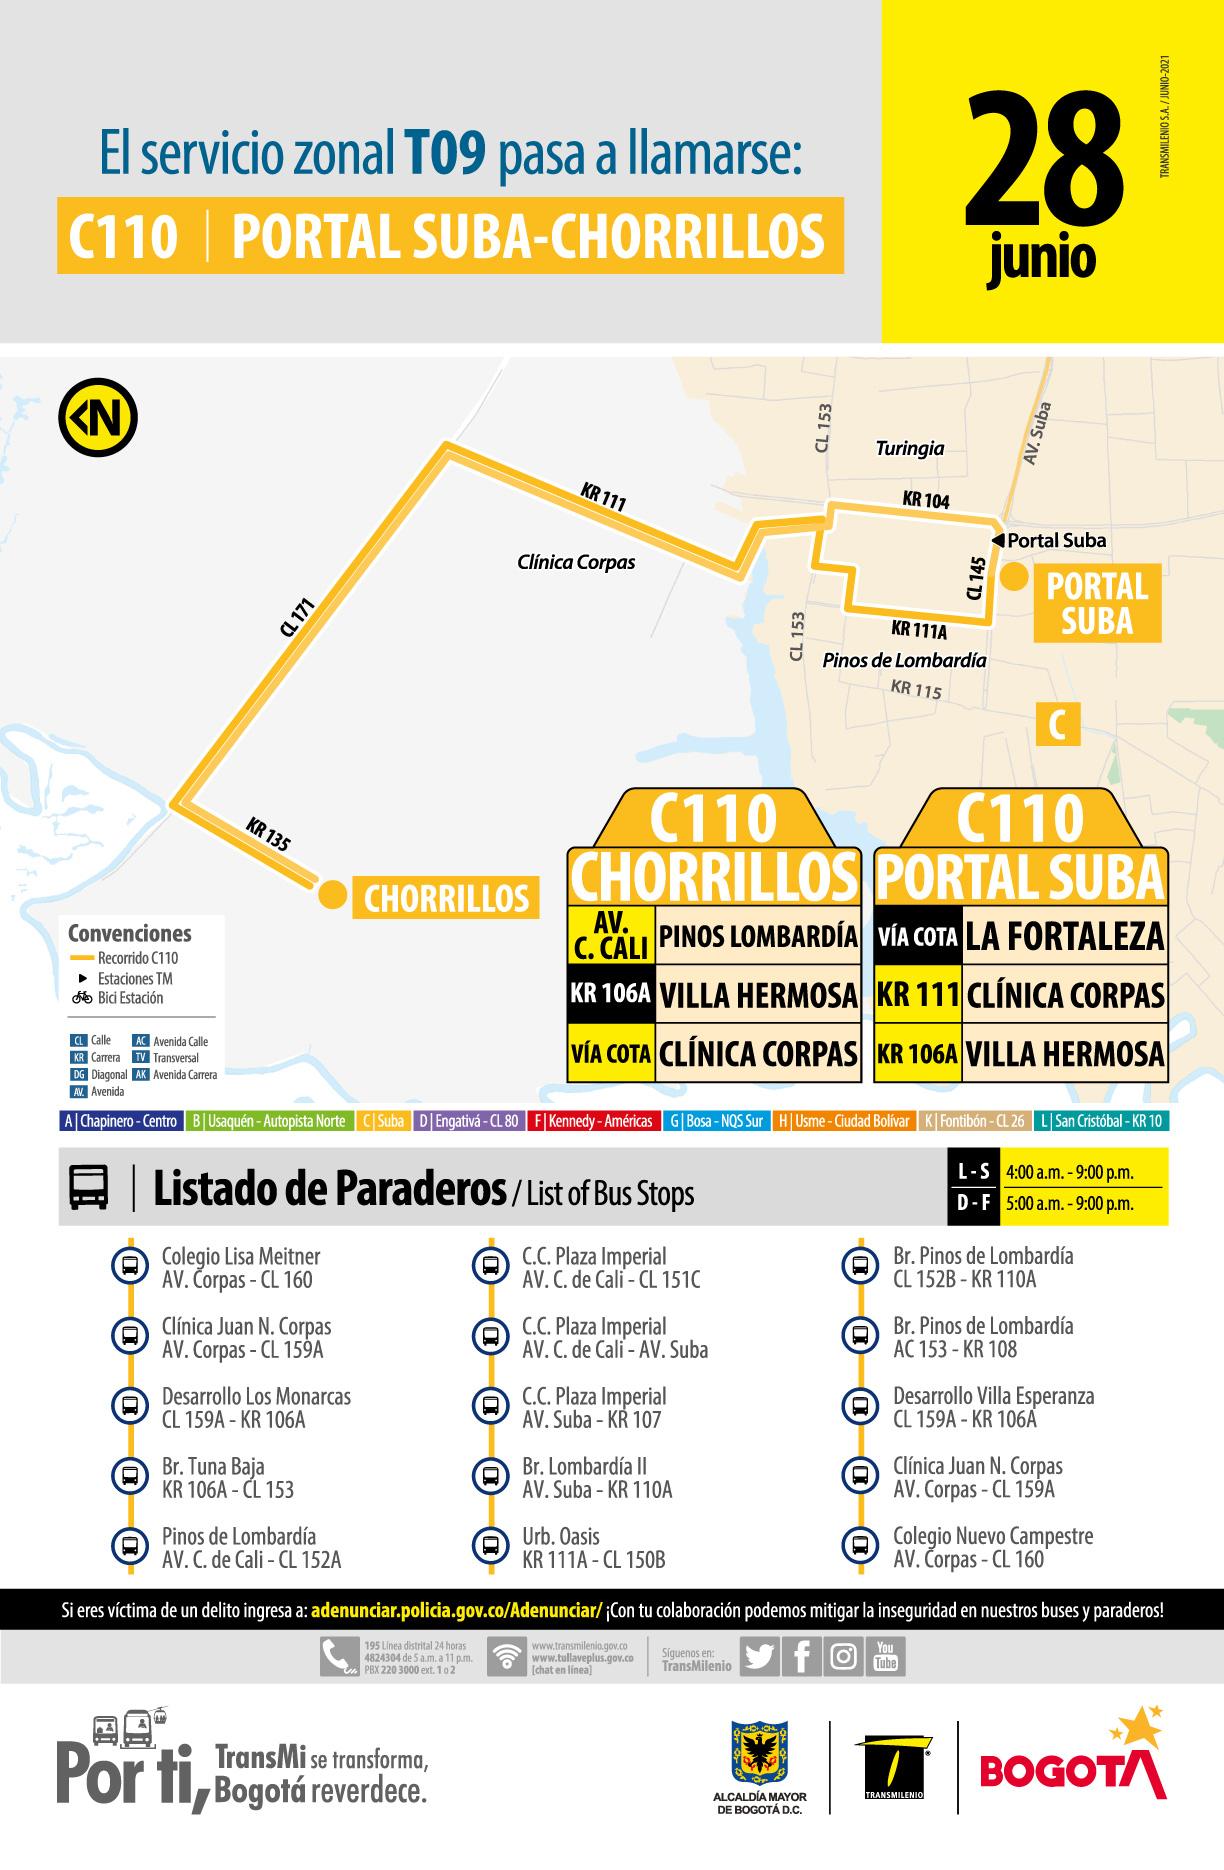 C110 Portal Suba - Chorrillos